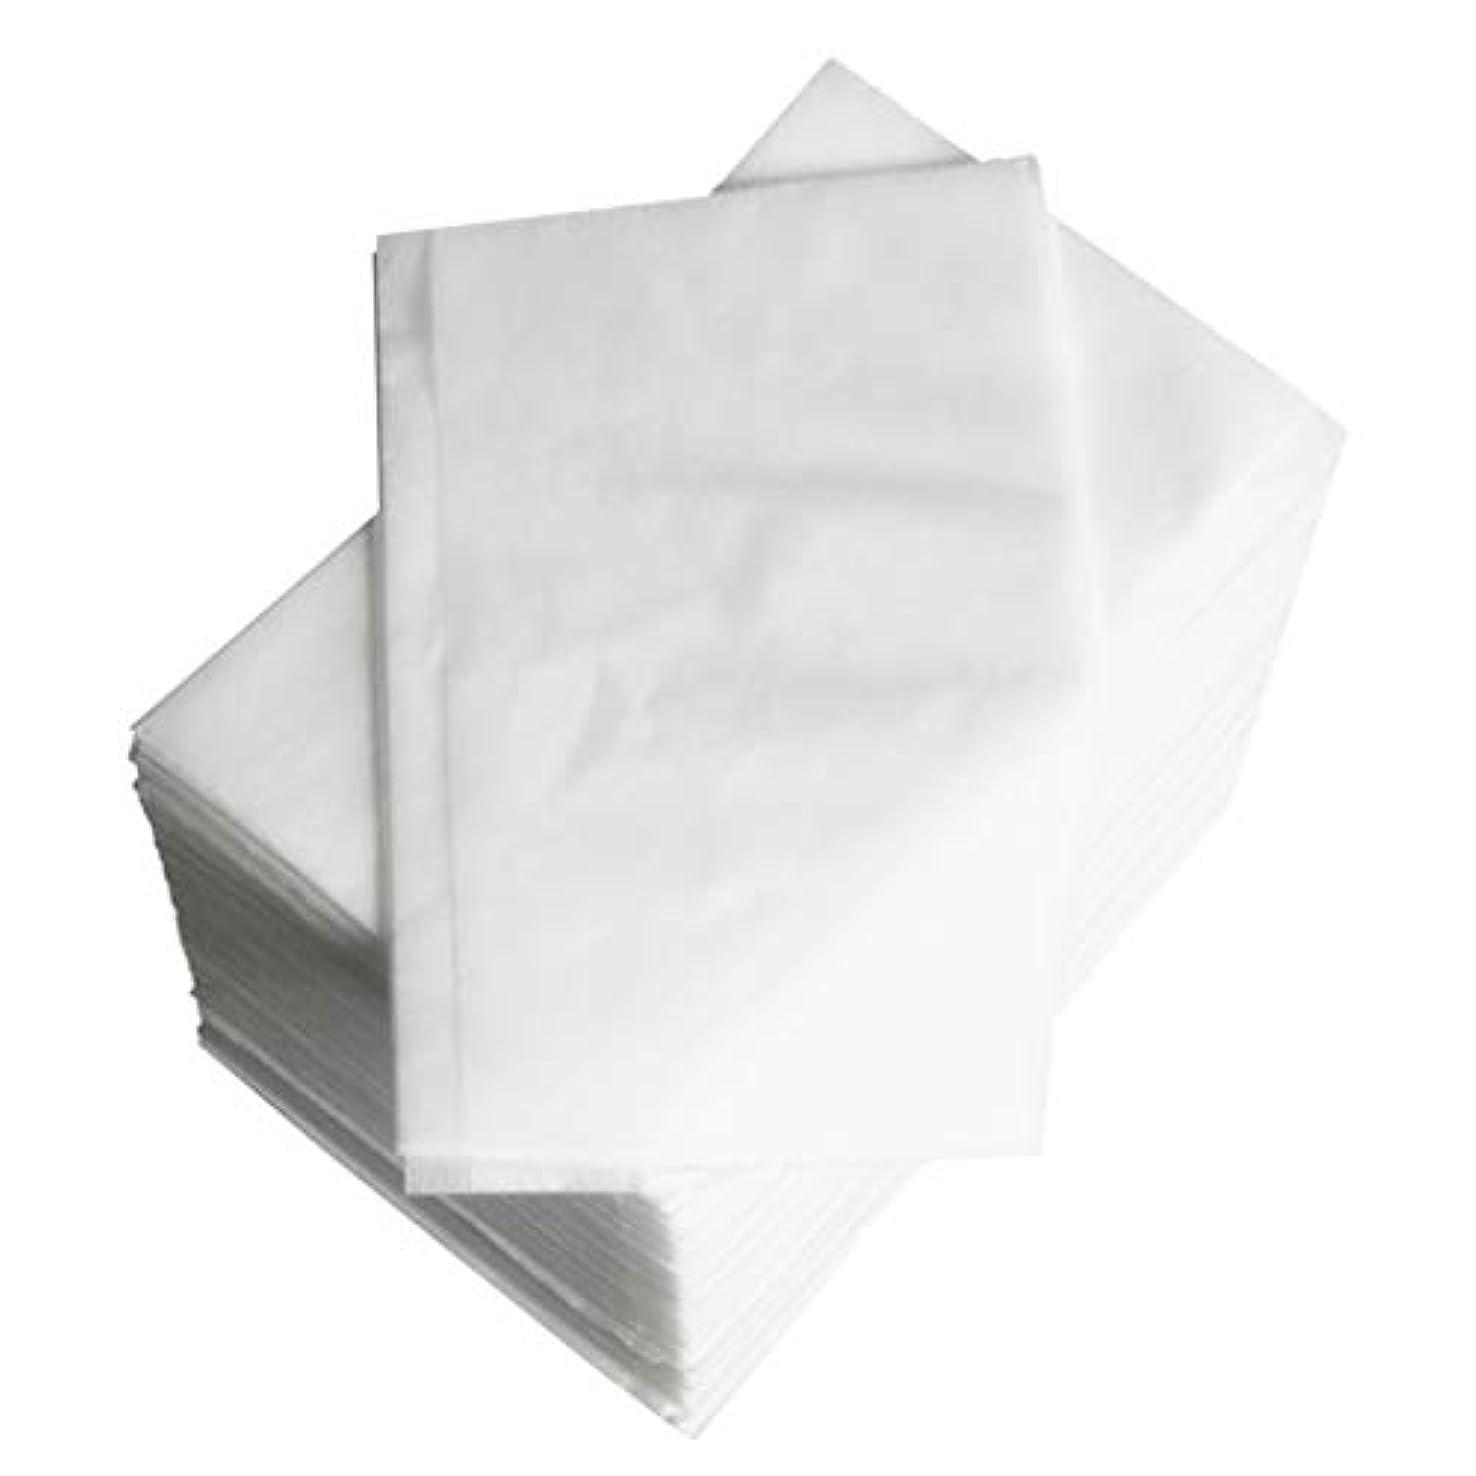 すべきすべき特派員マッサージ テーブルカバー使い捨て 約100個入り 全2カラー - 白